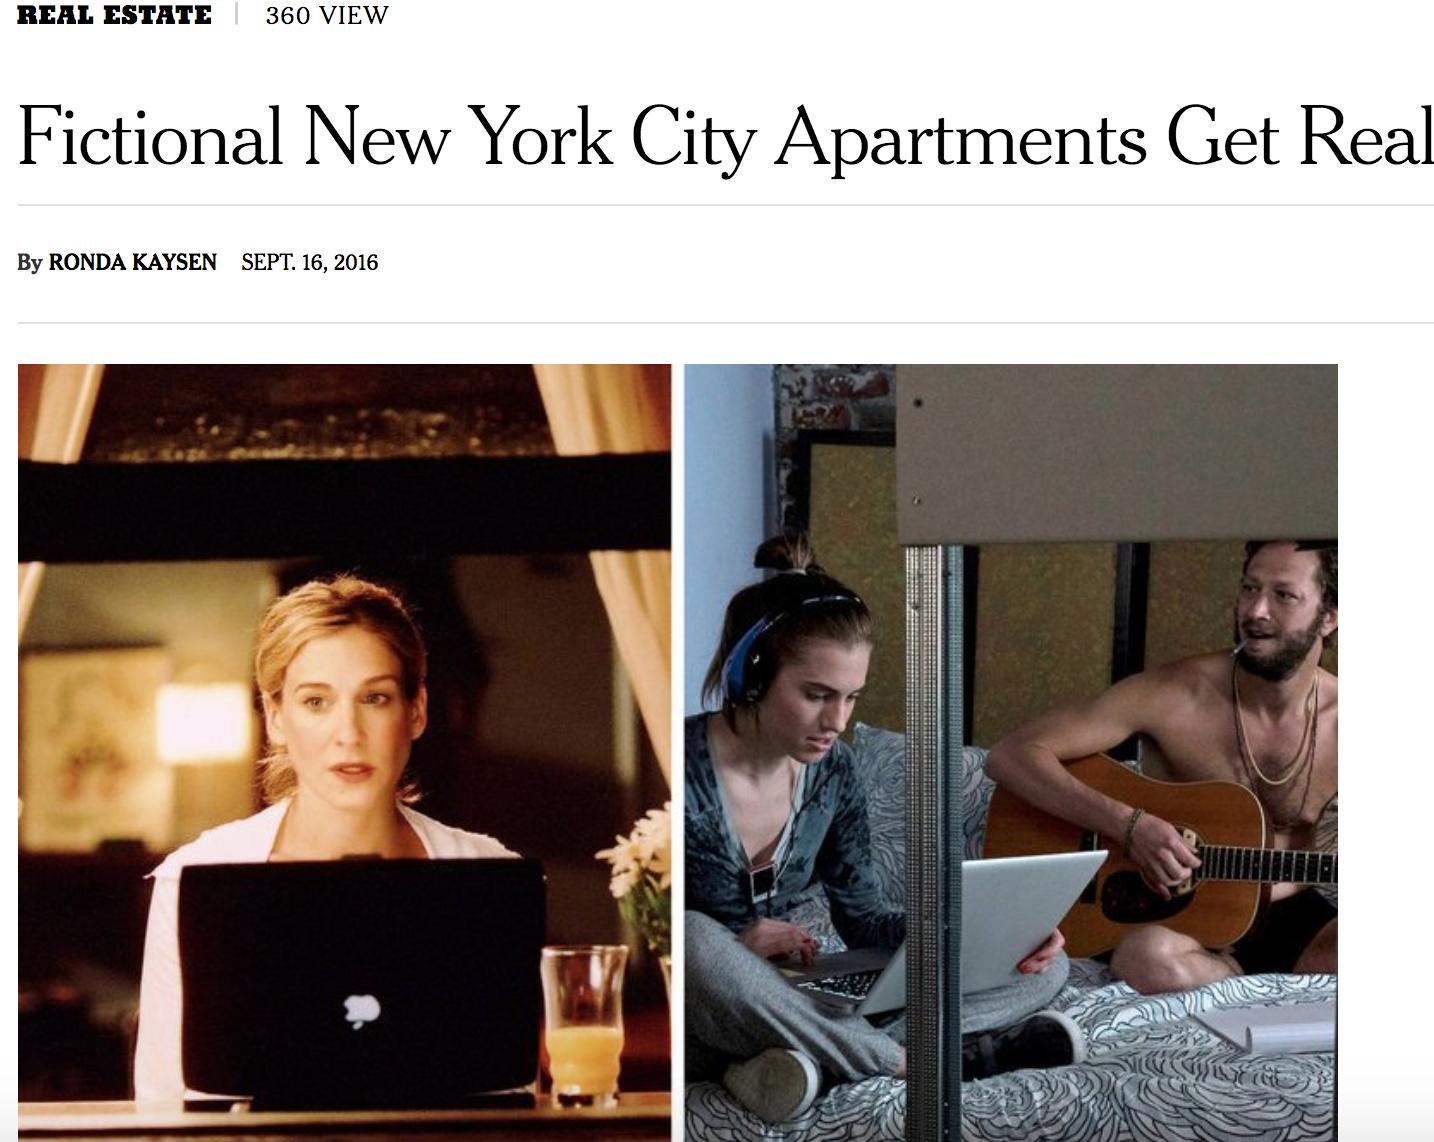 The New York Times, September 16, 2016